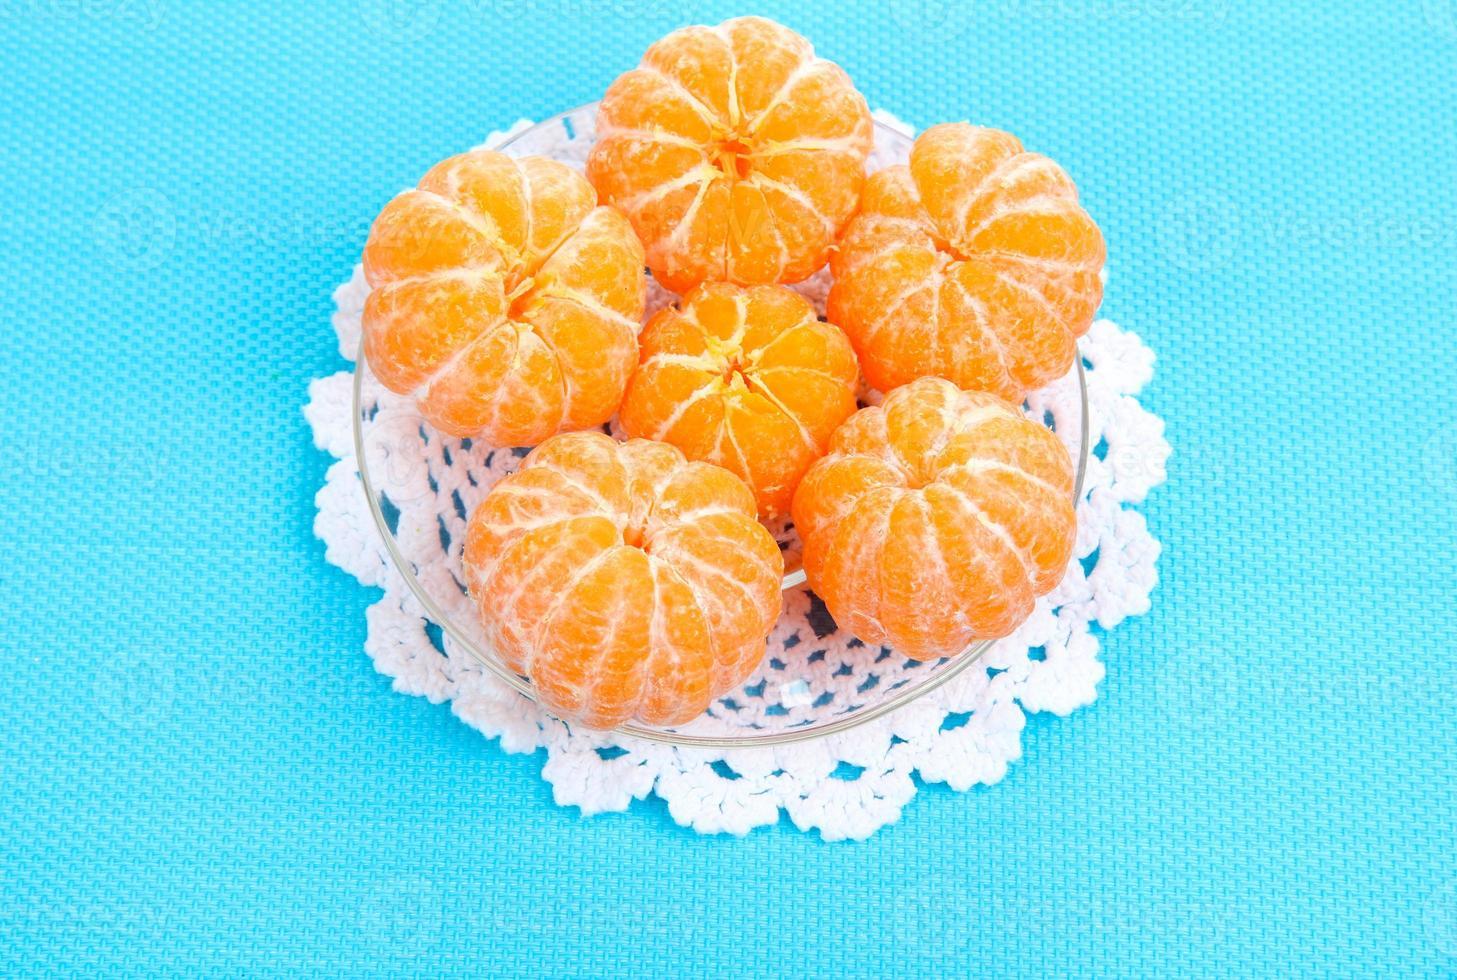 reife süße Mandarinen, auf farbigem Hintergrund foto